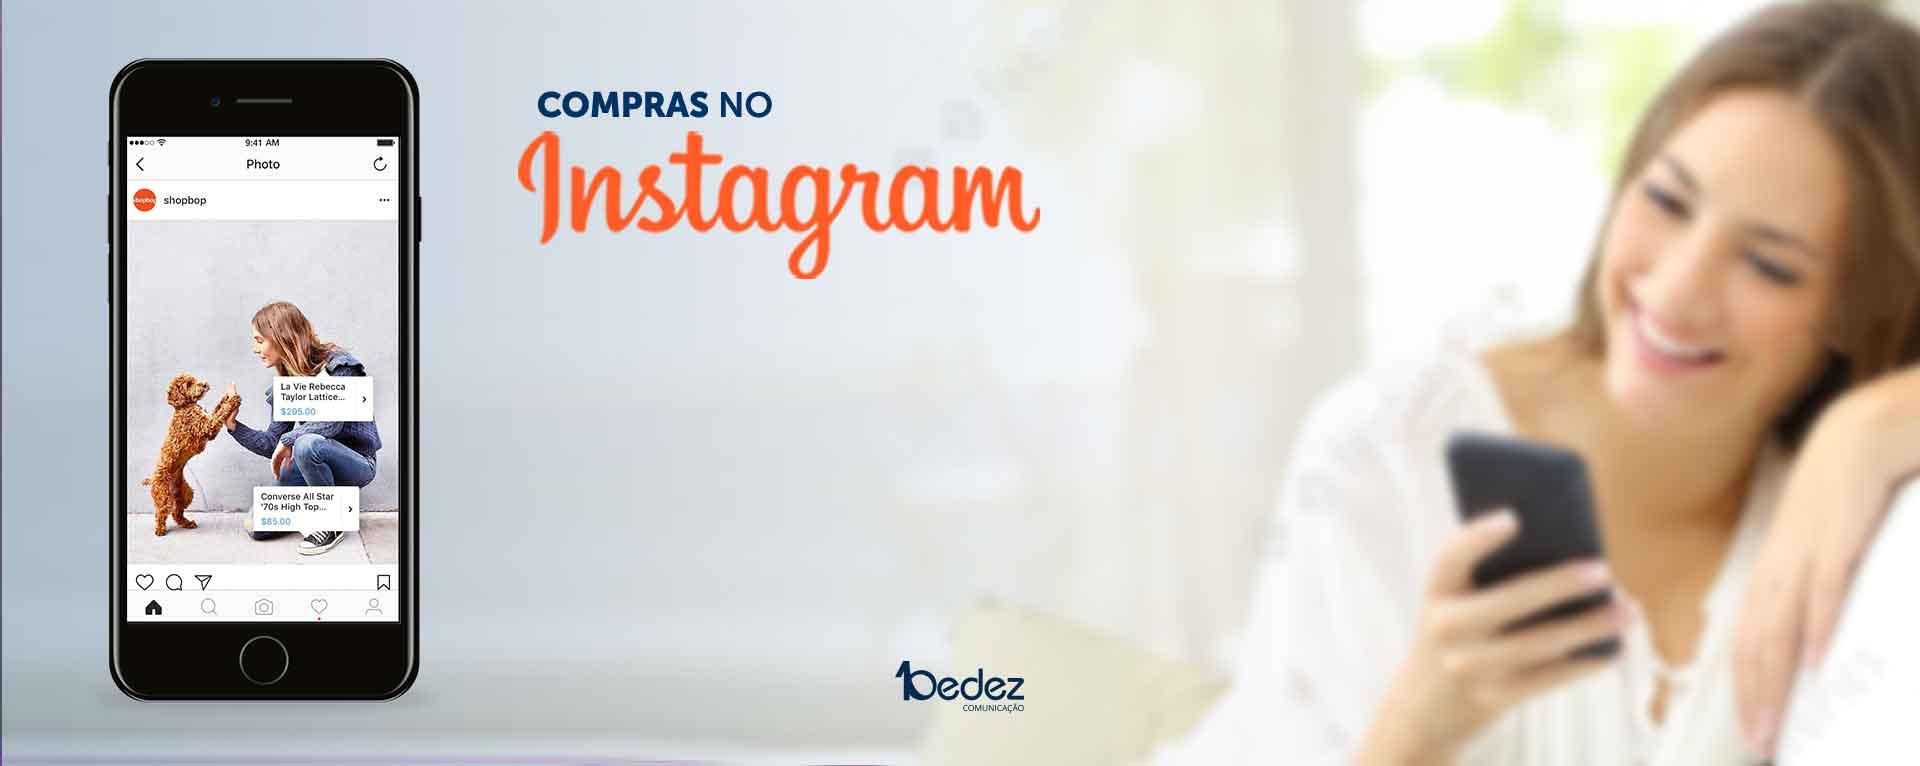 Instagram libera loja online para compras